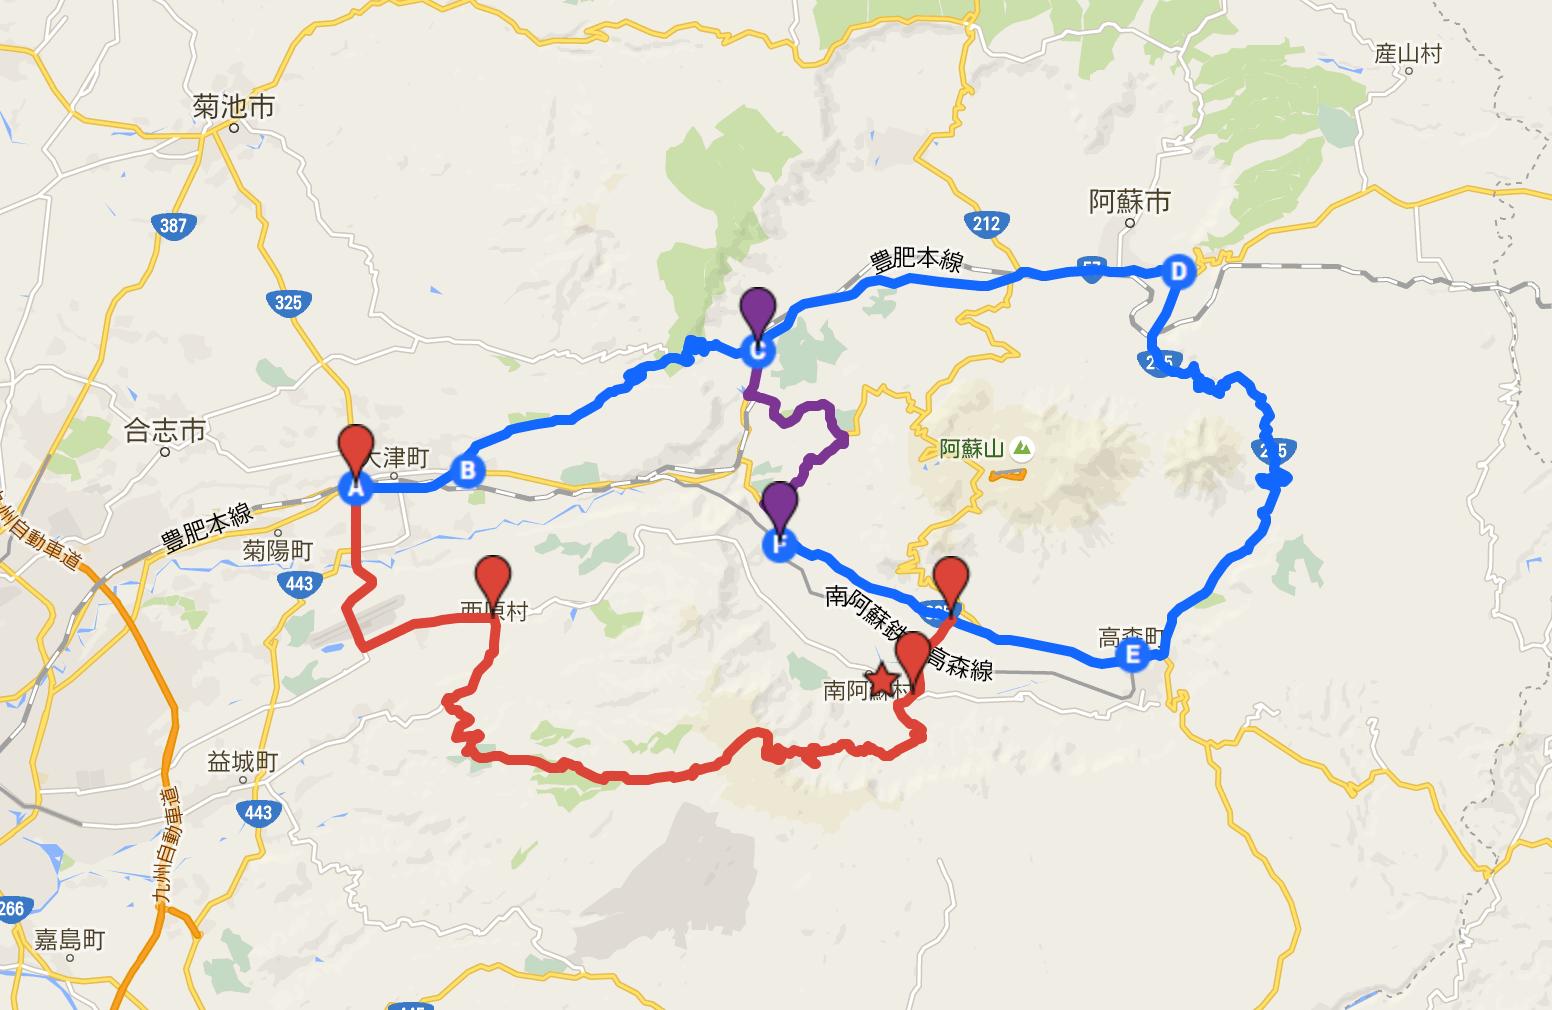 5月23日開通・応急迂回ルート【紫色】を追加